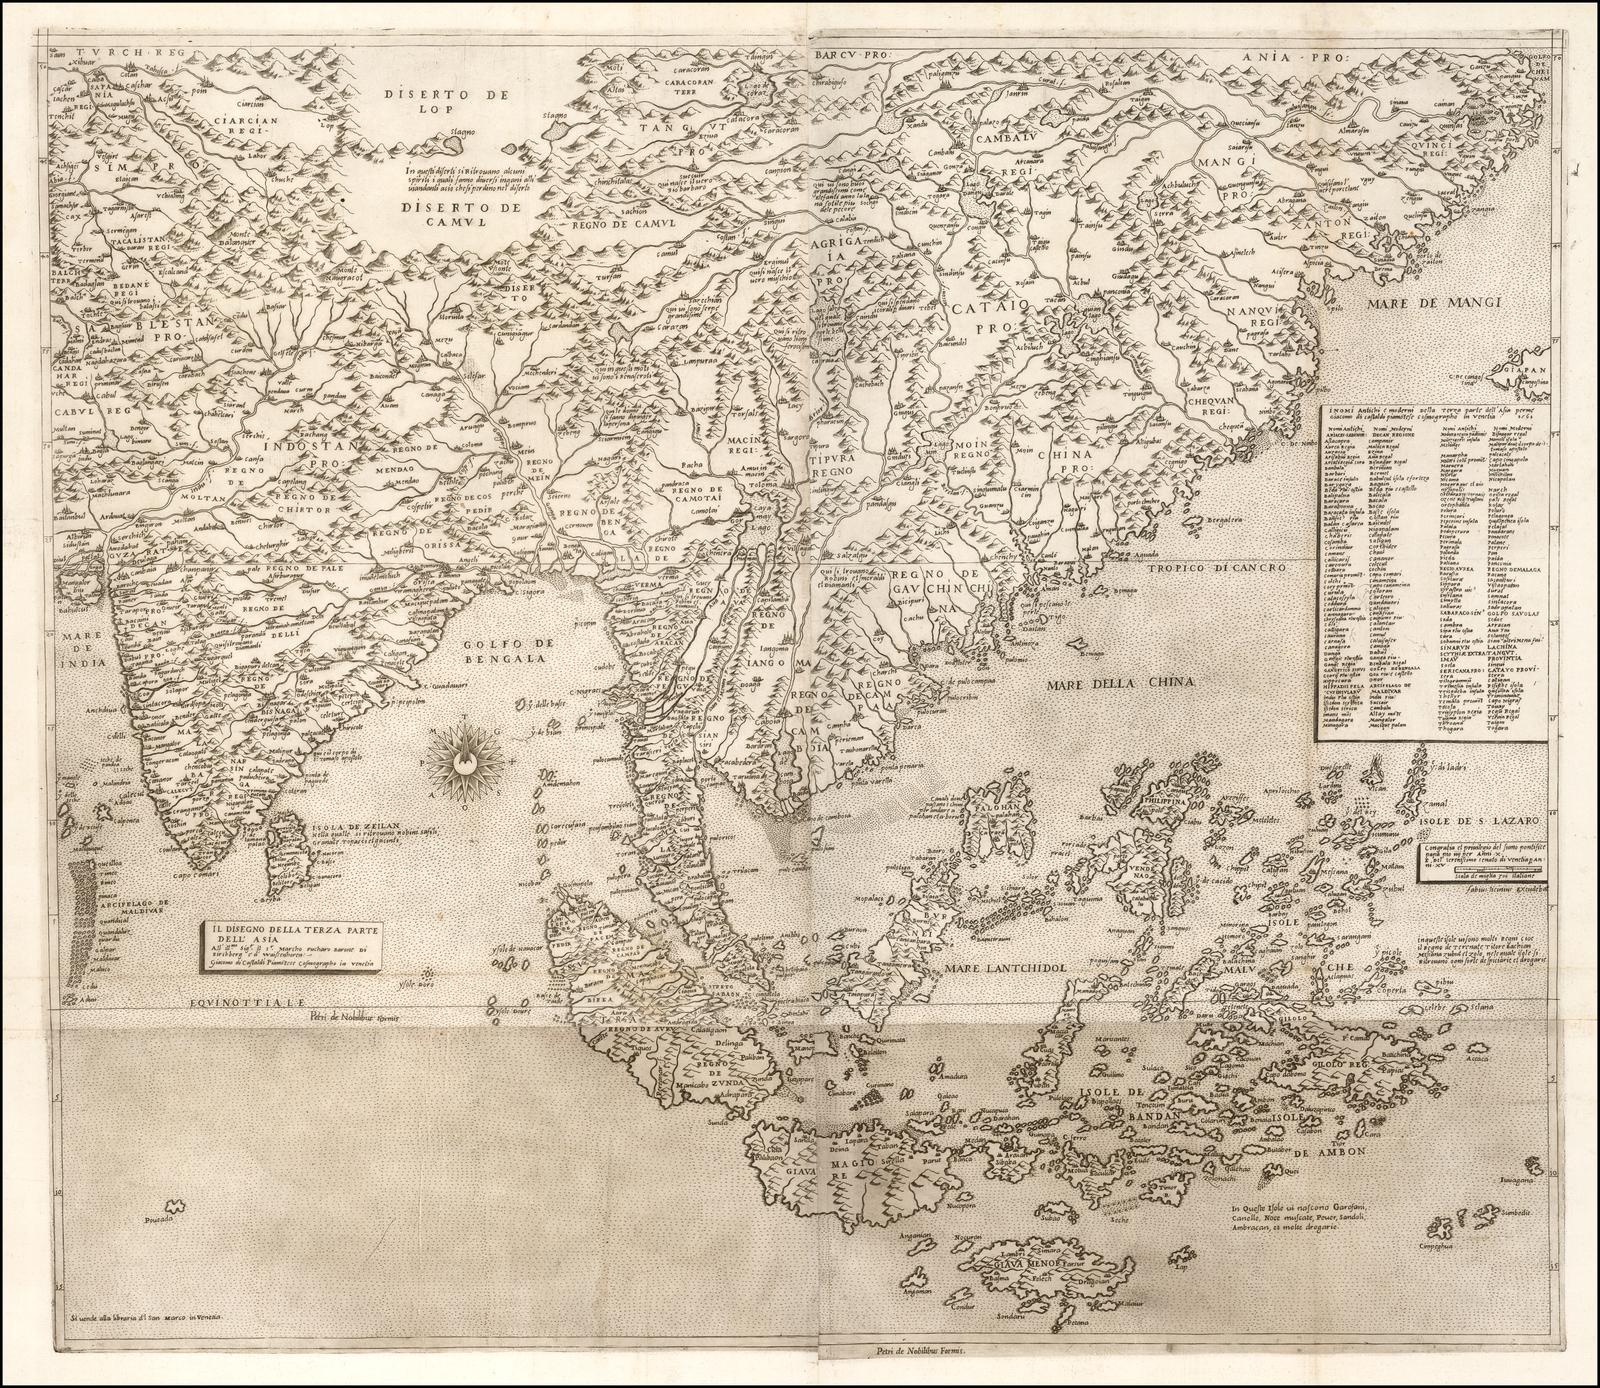 Настенная карта Восточной Азии Гастальди